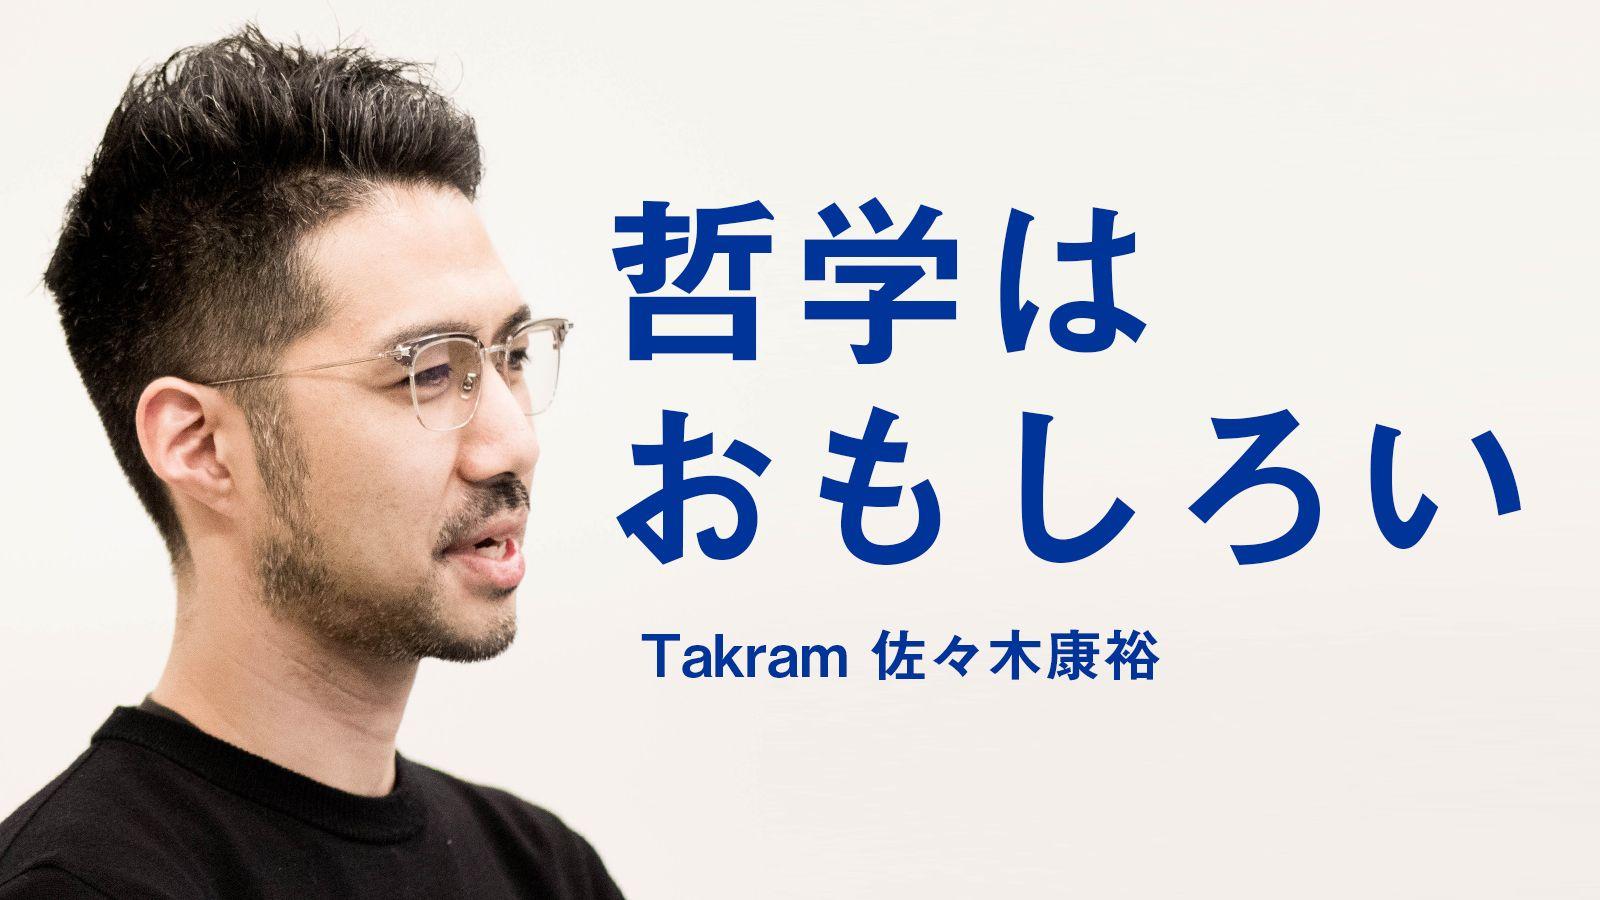 Takram佐々木康裕に学ぶ、入門書からはじめる哲学のススメ|「100年前の哲学書に、今に通じる知性がある」